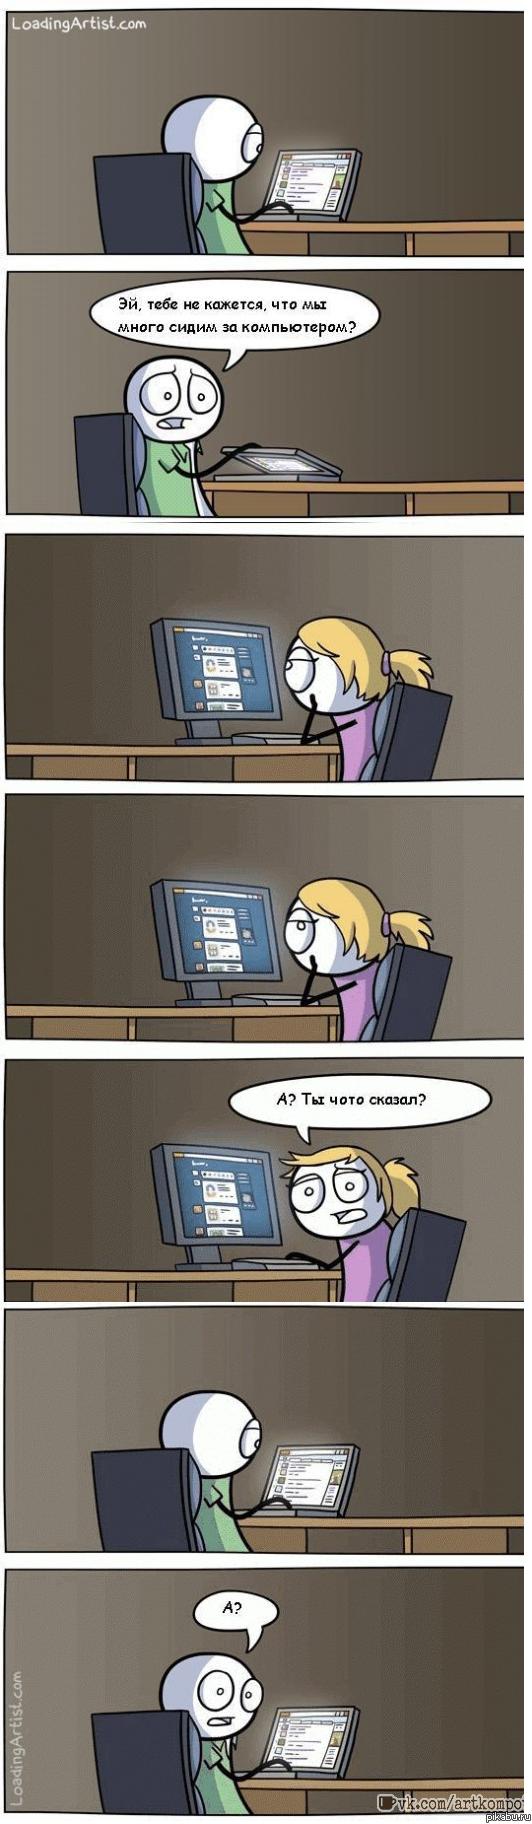 Тебе не кажется, что мы много сидим за компьютером?